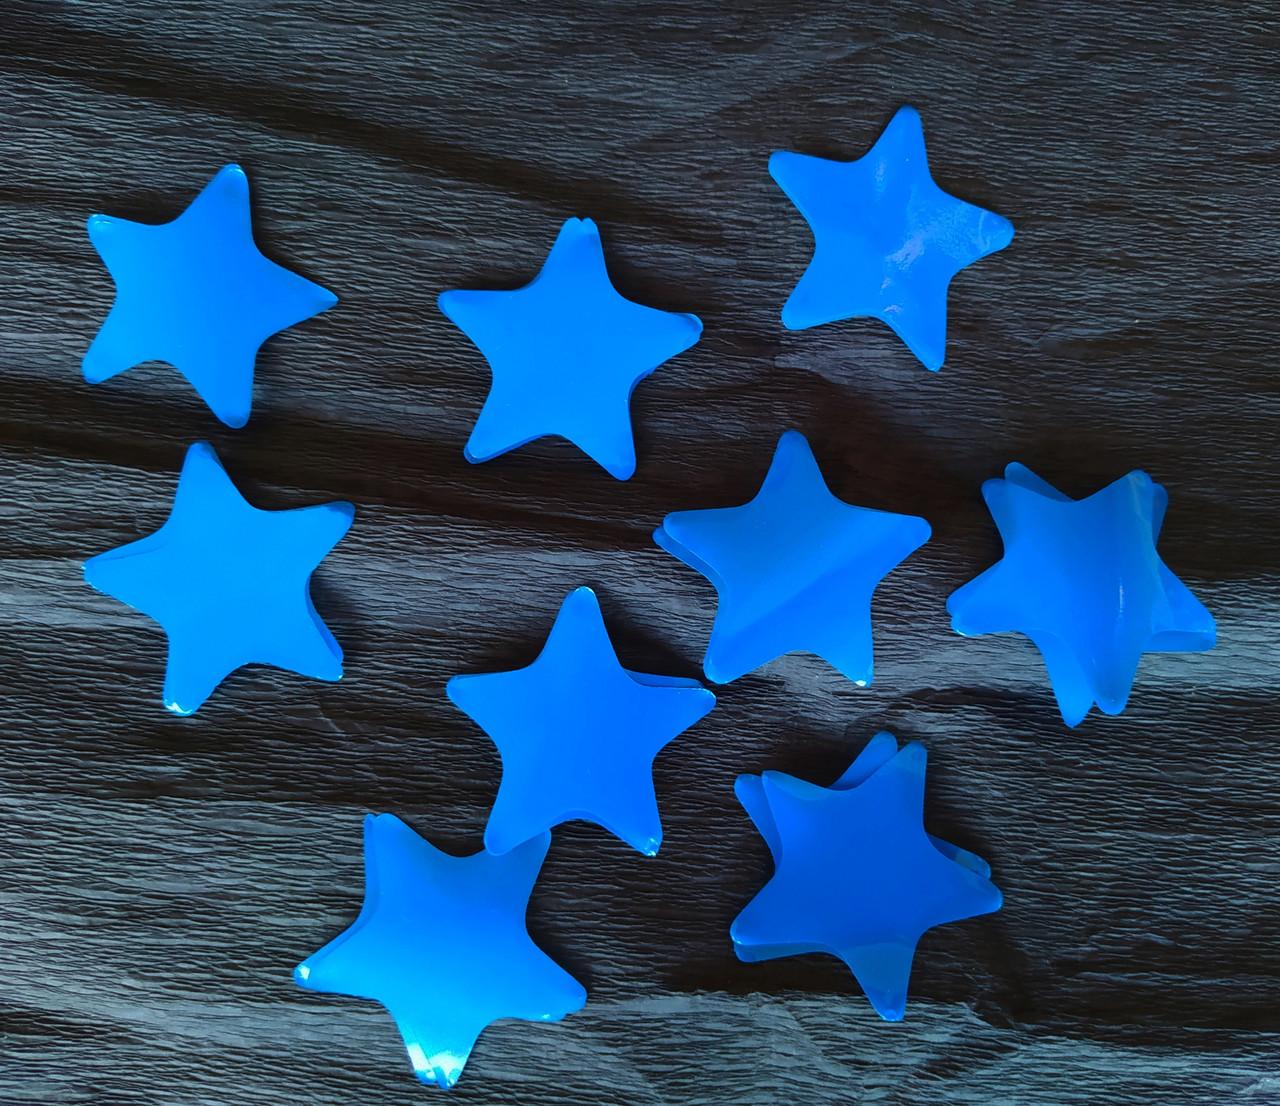 Аксесуари для свята конфеті Конфеті фігурне зірочки синя 50 грам